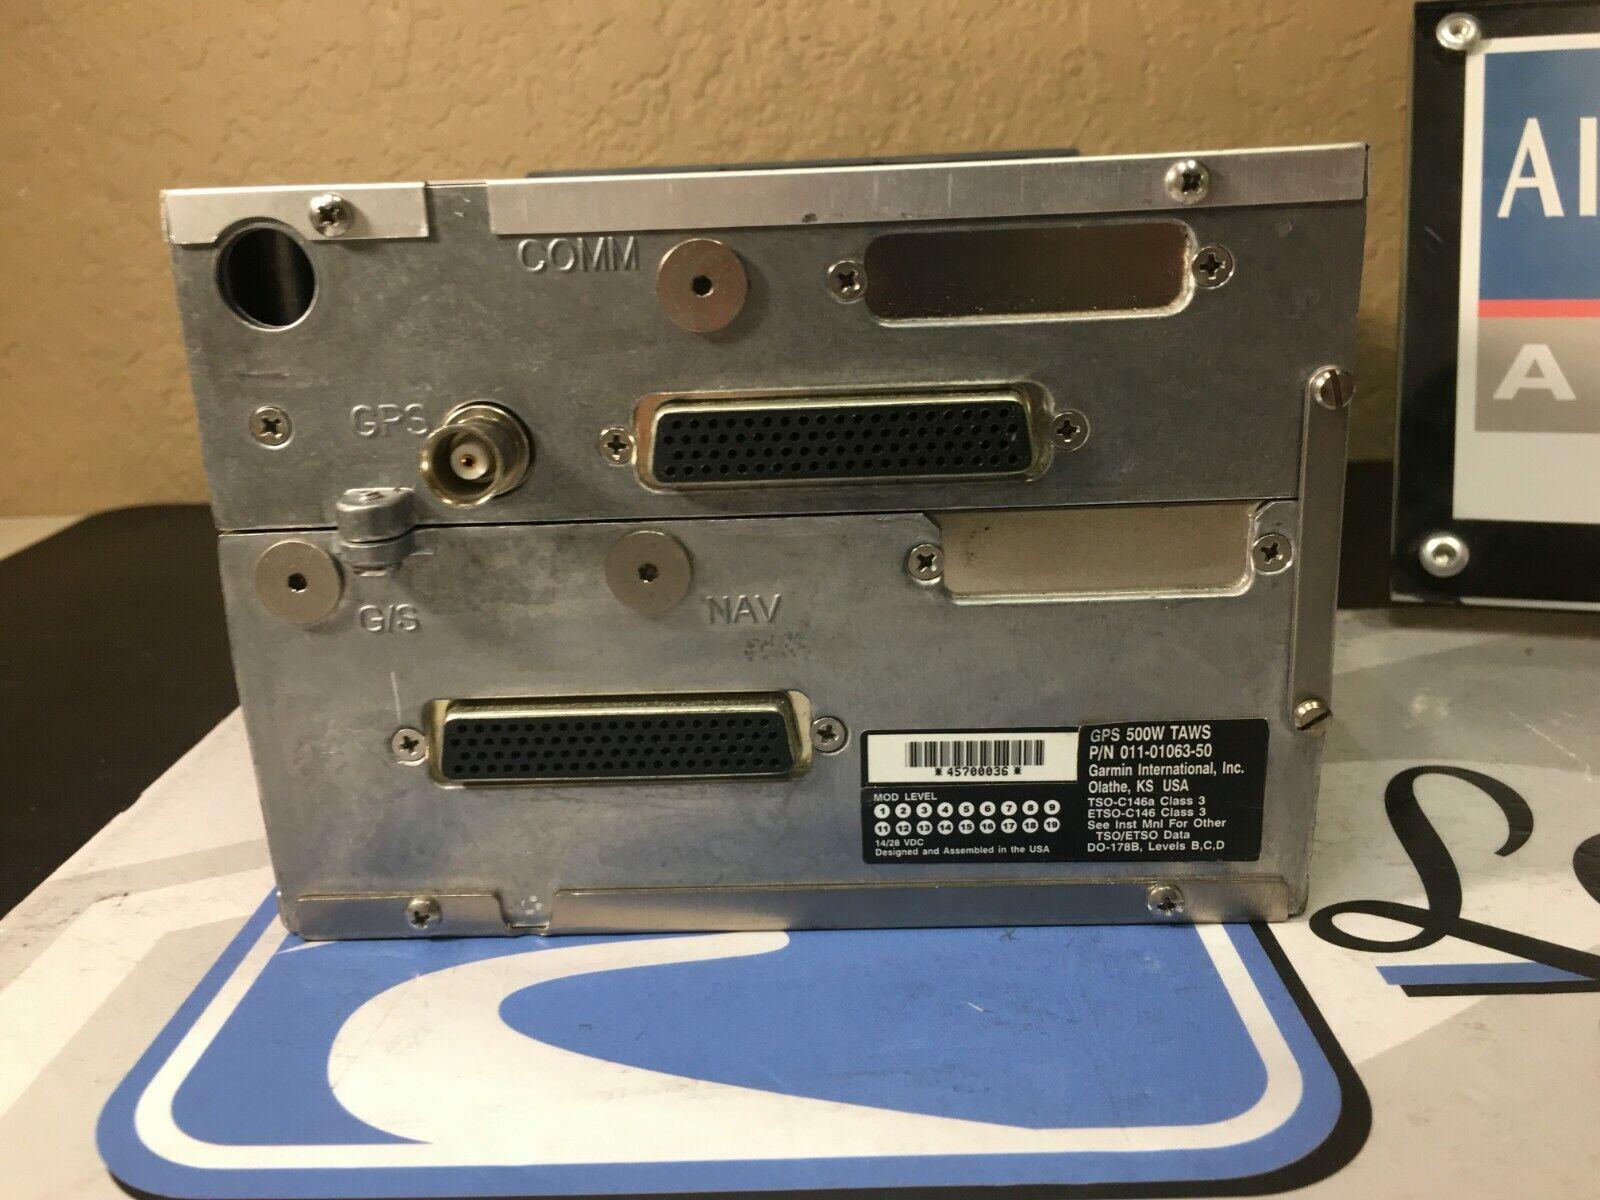 Garmin GPS Receiver GPS500W TAWS 011-01063-50 w/ January 2020 SV 8130